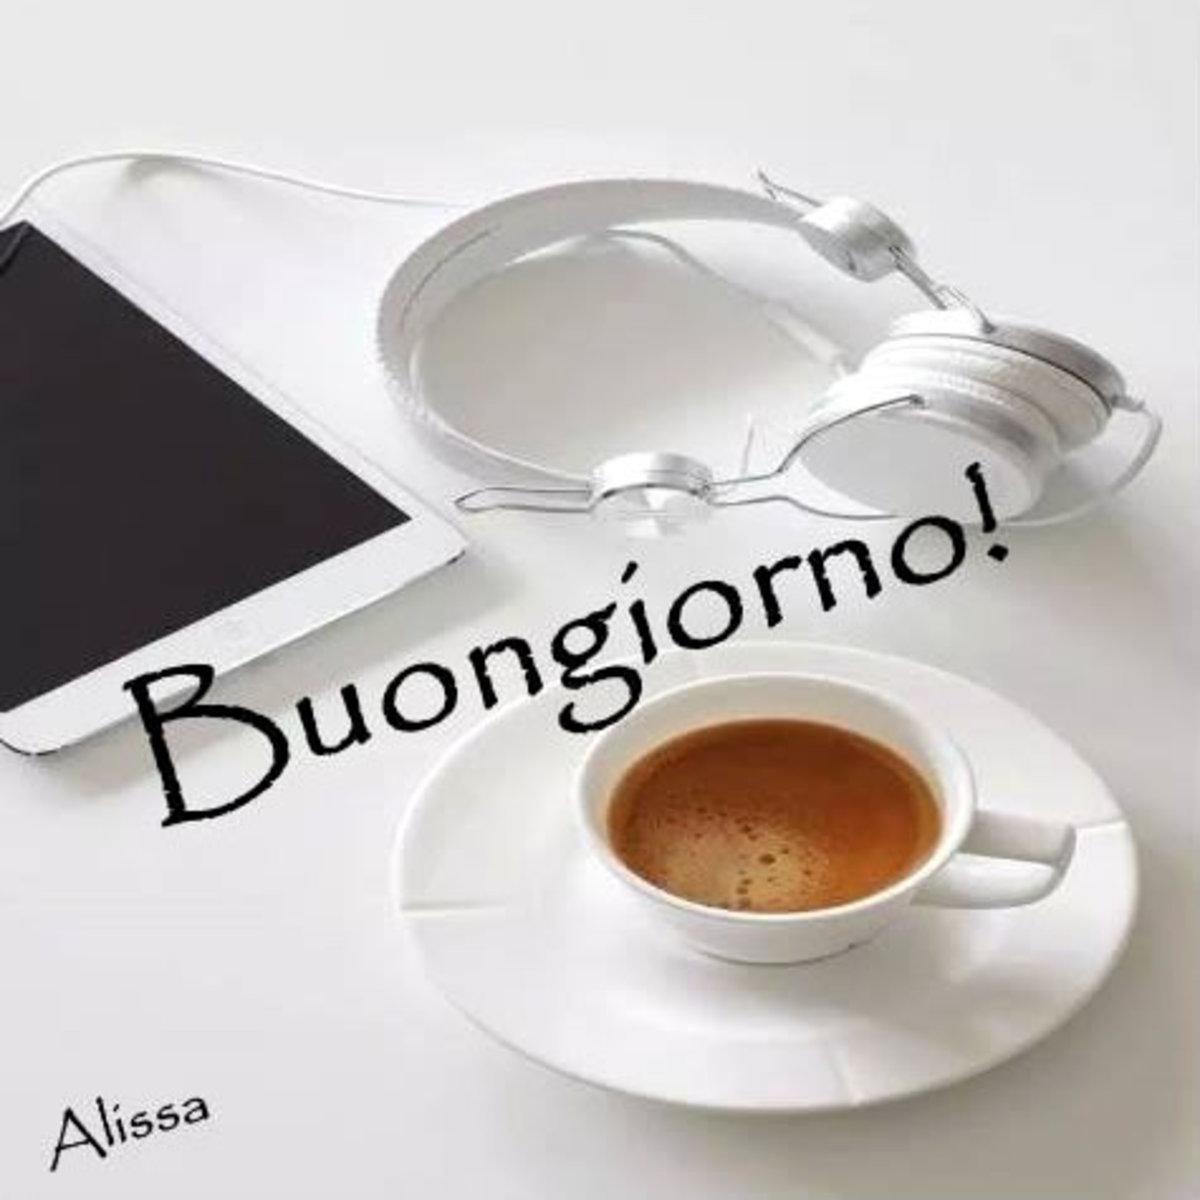 Immagini buongiorno con caffè (5)